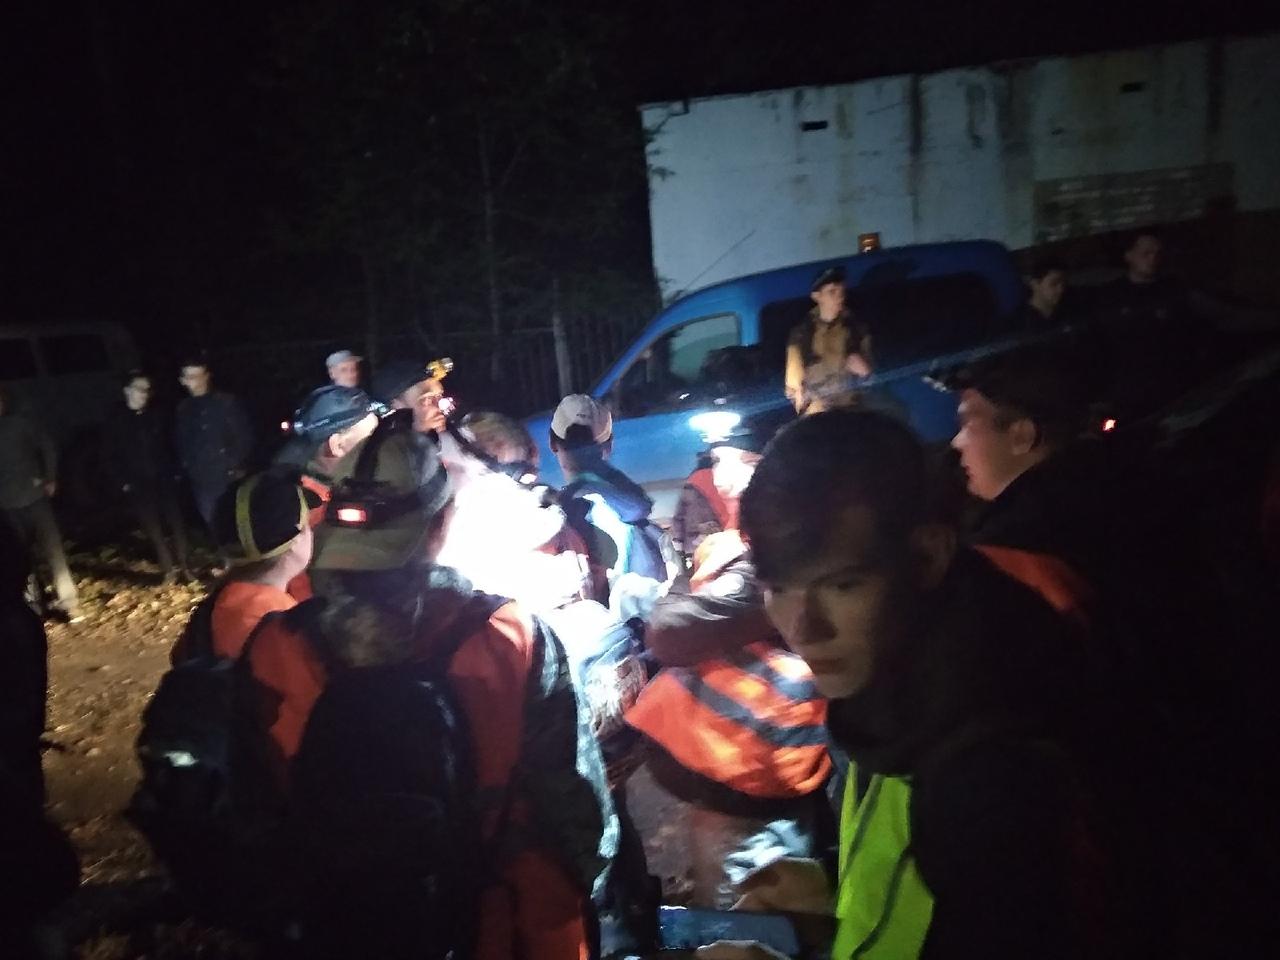 Пропавшего вчера вечером 2-летнего мальчика из Рогатино ночью нашли